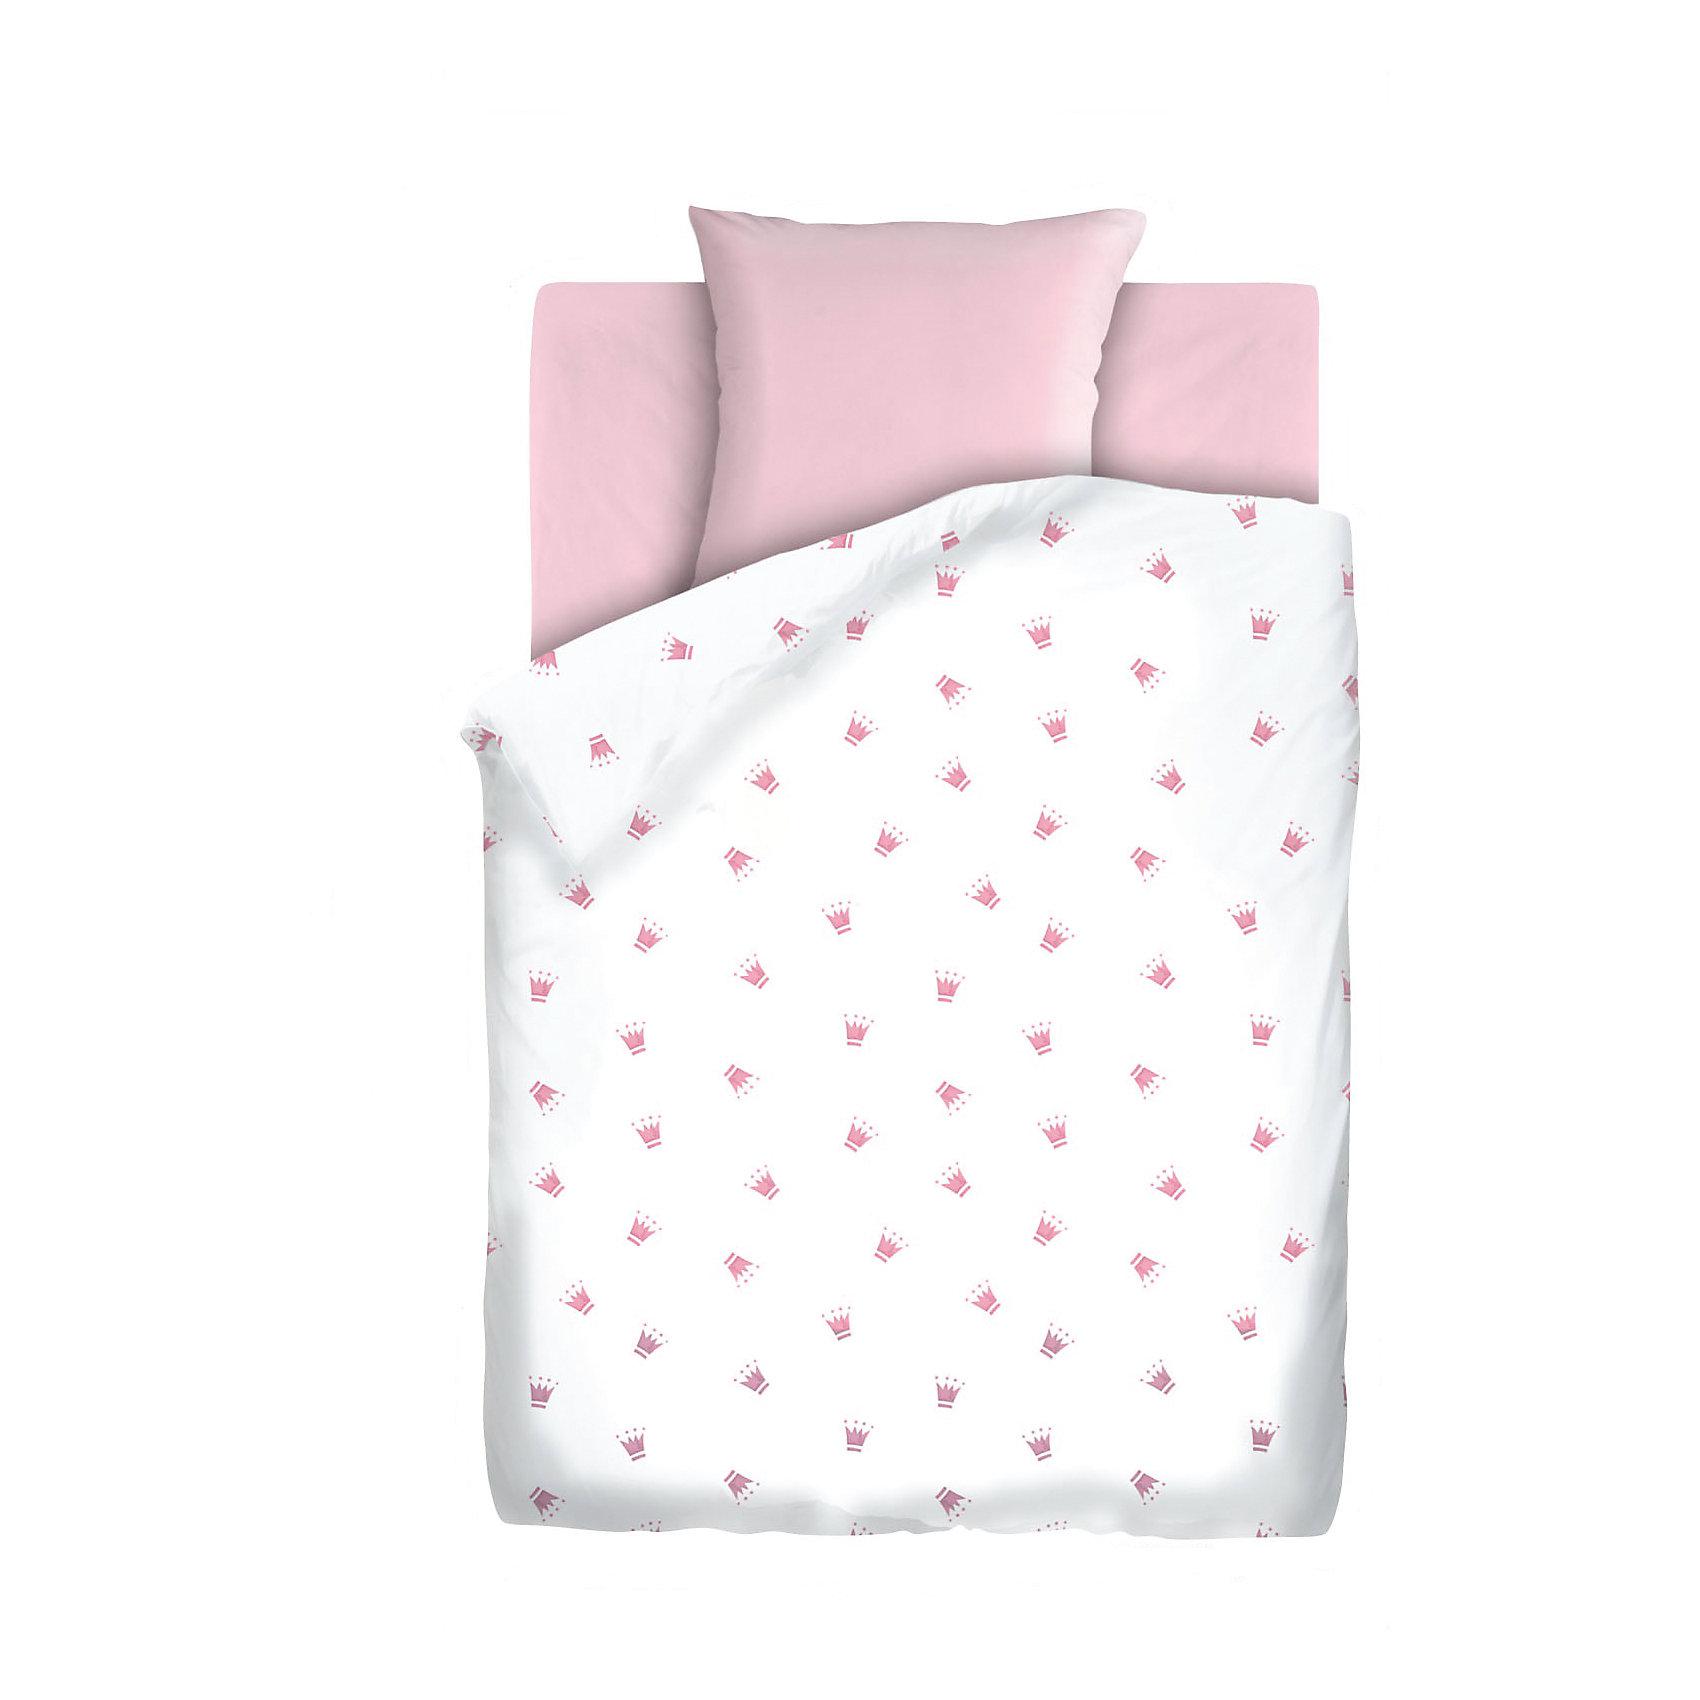 Постельное белье 1,5 сп. на резинке Коронки, бязь, Непоседа, розовыйДомашний текстиль<br>Комплект детского постельного белья на резинке Коронки, бязь, Непоседа, розовый<br><br>Характеристики:<br><br>• прочное и износостойкое<br>• хорошо пропускает воздух<br>• удобная резинка<br>• в комплекте: простыня, наволочка, пододеяльник<br>• размер простыни: 150х110 см<br>• размер наволочки: 40х60 см<br>• размер пододеяльника: 112х147 см<br>• материал: бязь (100% хлопок)<br>• размер упаковки: 5х20х30 см<br>• вес: 800 грамм<br>• цвет: розовый<br><br>Даже во сне юным принцессам необходима корона. Постельное белье Коронки поможет малышке выбрать подходящий головной убор, достойный королевы. Белье изготовлено из качественной бязи, которая хорошо пропускает воздух и обладает высокой прочностью. Белье очень приятно на ощупь и практически не мнется. Натуральные красители не вымываются при стирках. Удобная резинка позволит вам закрепить белье на кроватке, чтобы ребенок мог спать с комфортом всю ночь.<br><br>Комплект детского постельного белья на резинке Коронки, бязь, Непоседа, розовый можно купить в нашем интернет-магазине.<br><br>Ширина мм: 300<br>Глубина мм: 200<br>Высота мм: 50<br>Вес г: 800<br>Возраст от месяцев: 36<br>Возраст до месяцев: 216<br>Пол: Унисекс<br>Возраст: Детский<br>SKU: 5430858